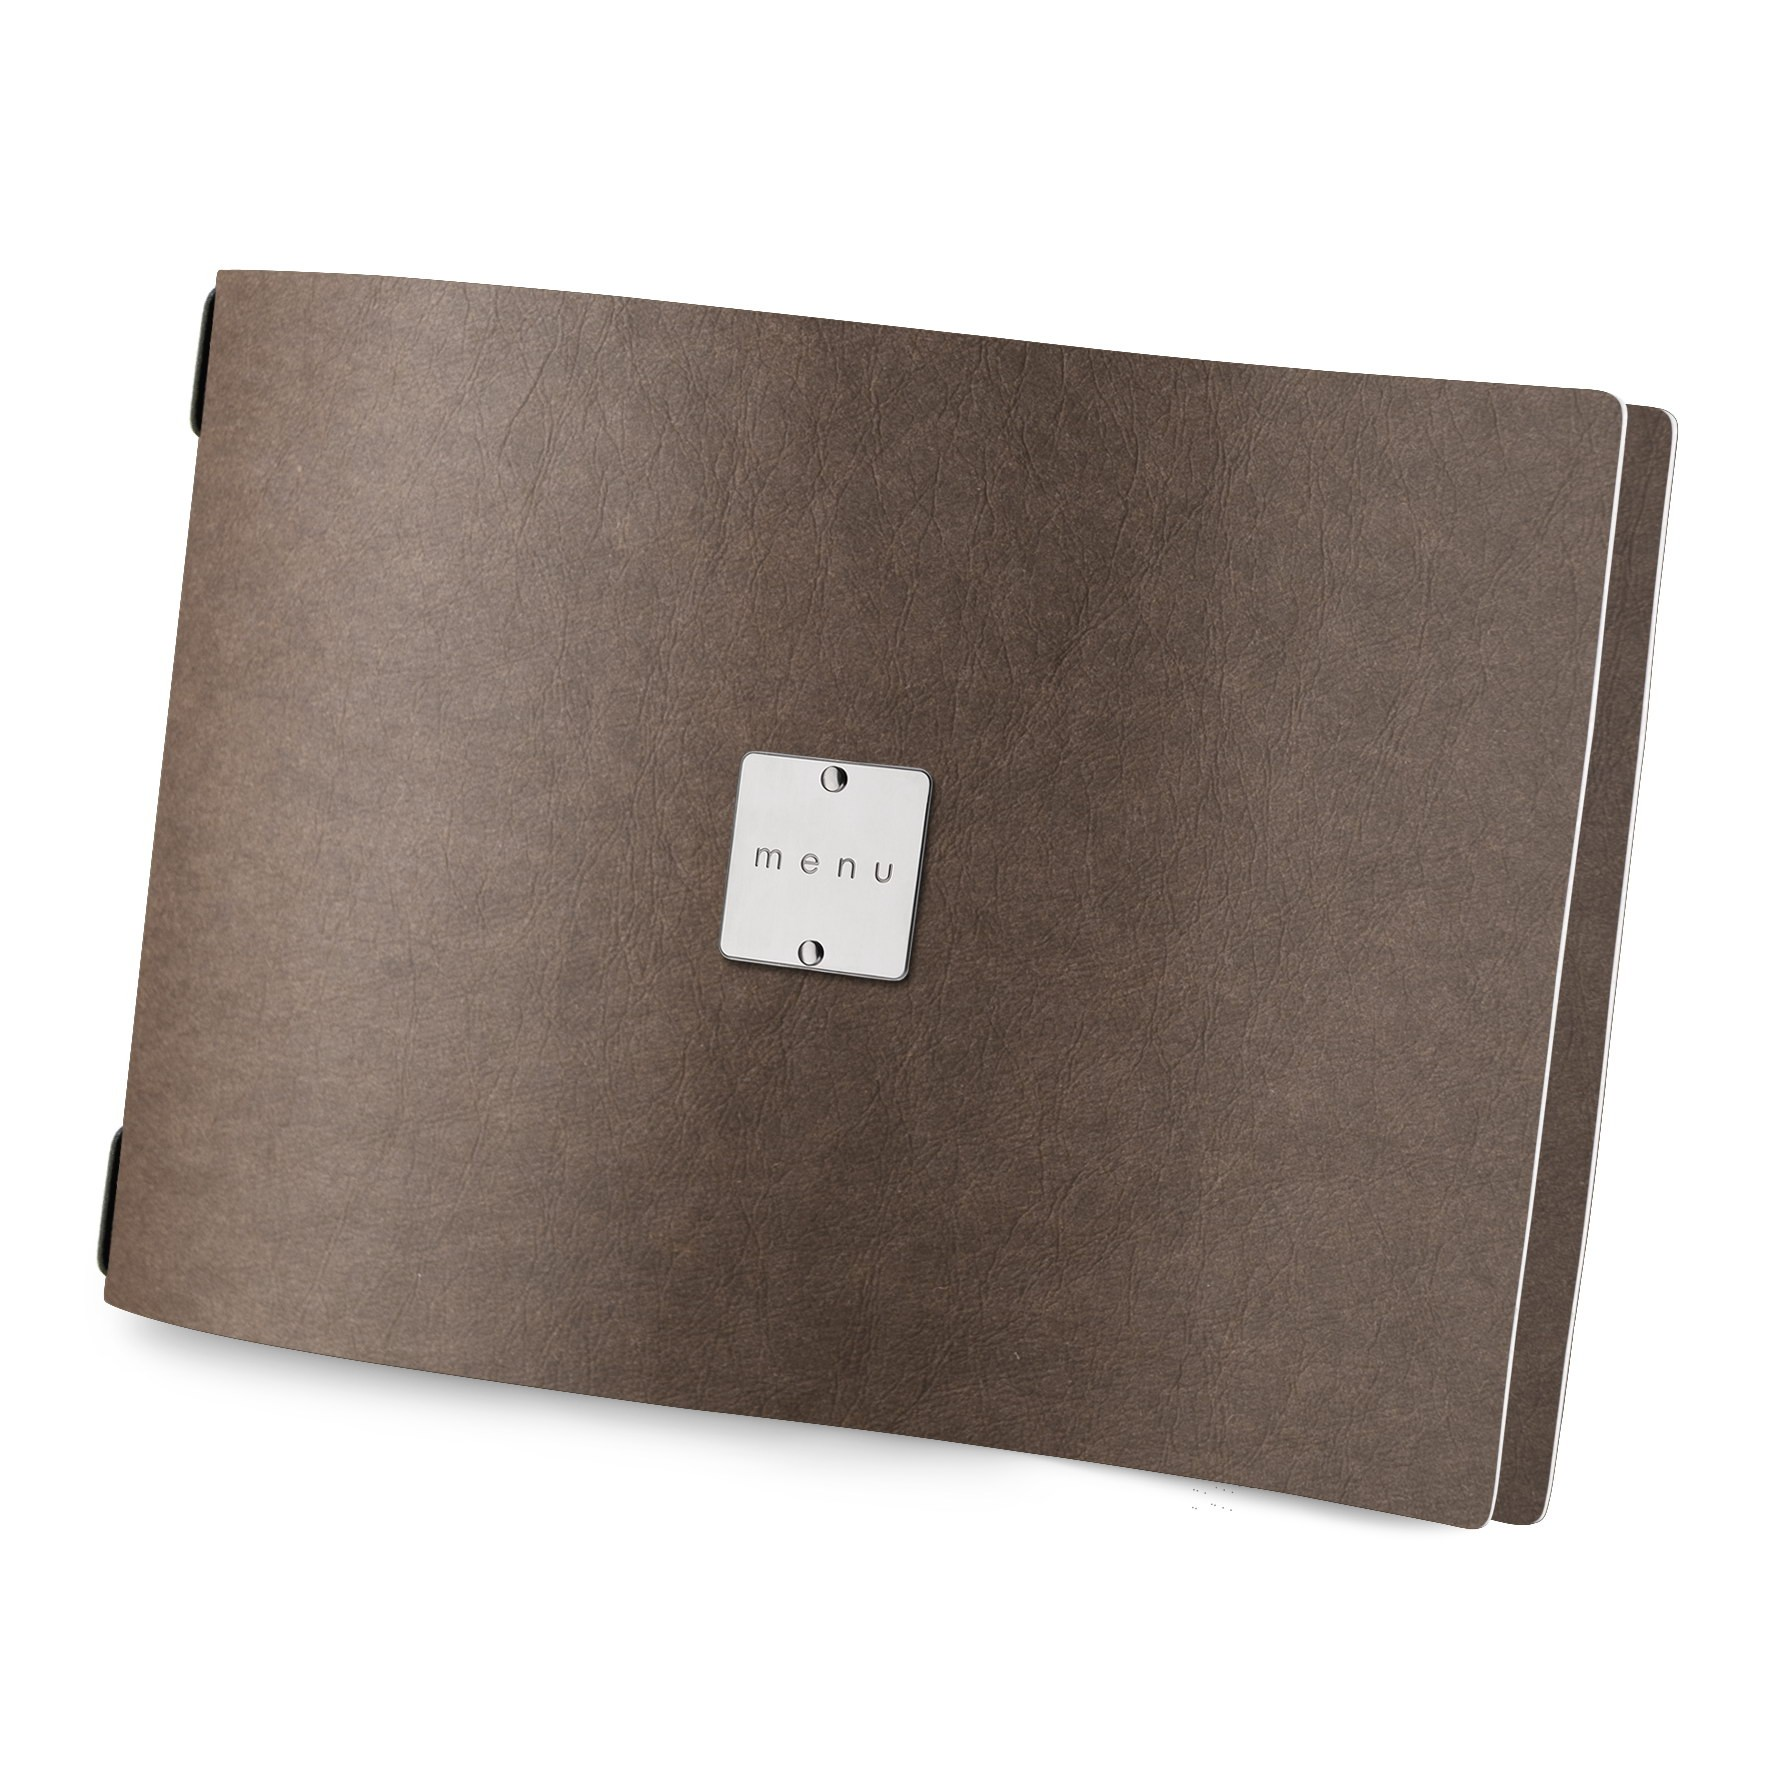 Protège menu A4 HORIZONTAL Ecologique marron aspect fibre lisse